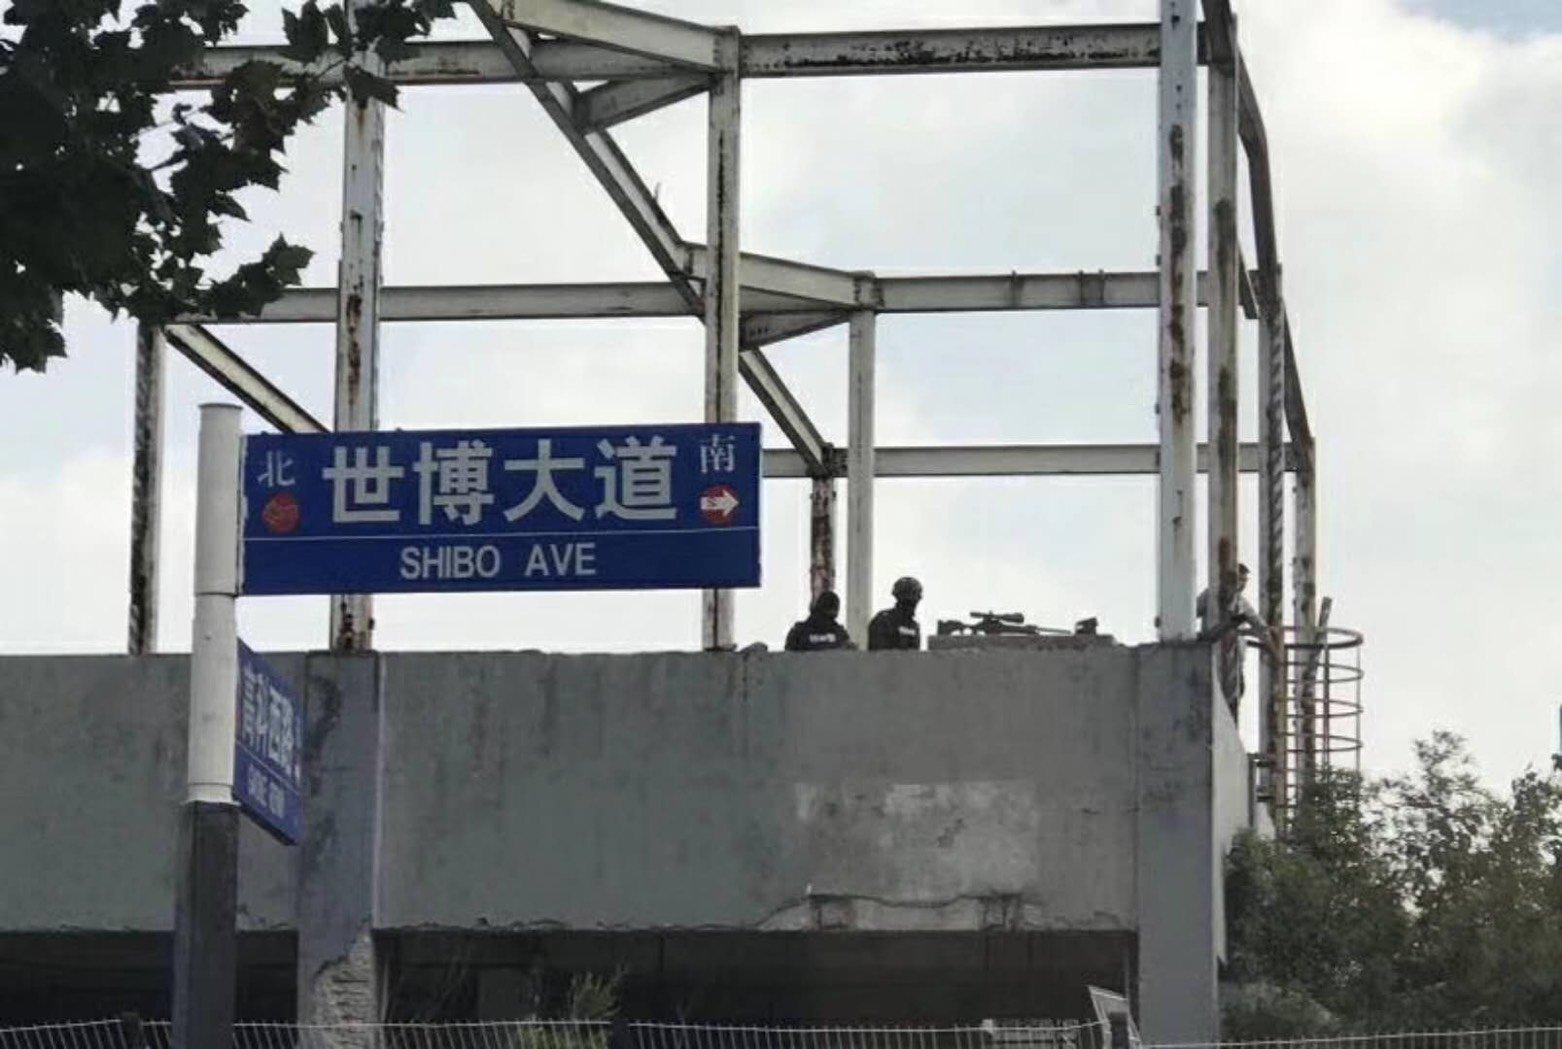 因為七名常委的到來,上海警方發出緊急通知要求做好各項保安工作。(微信圖片)